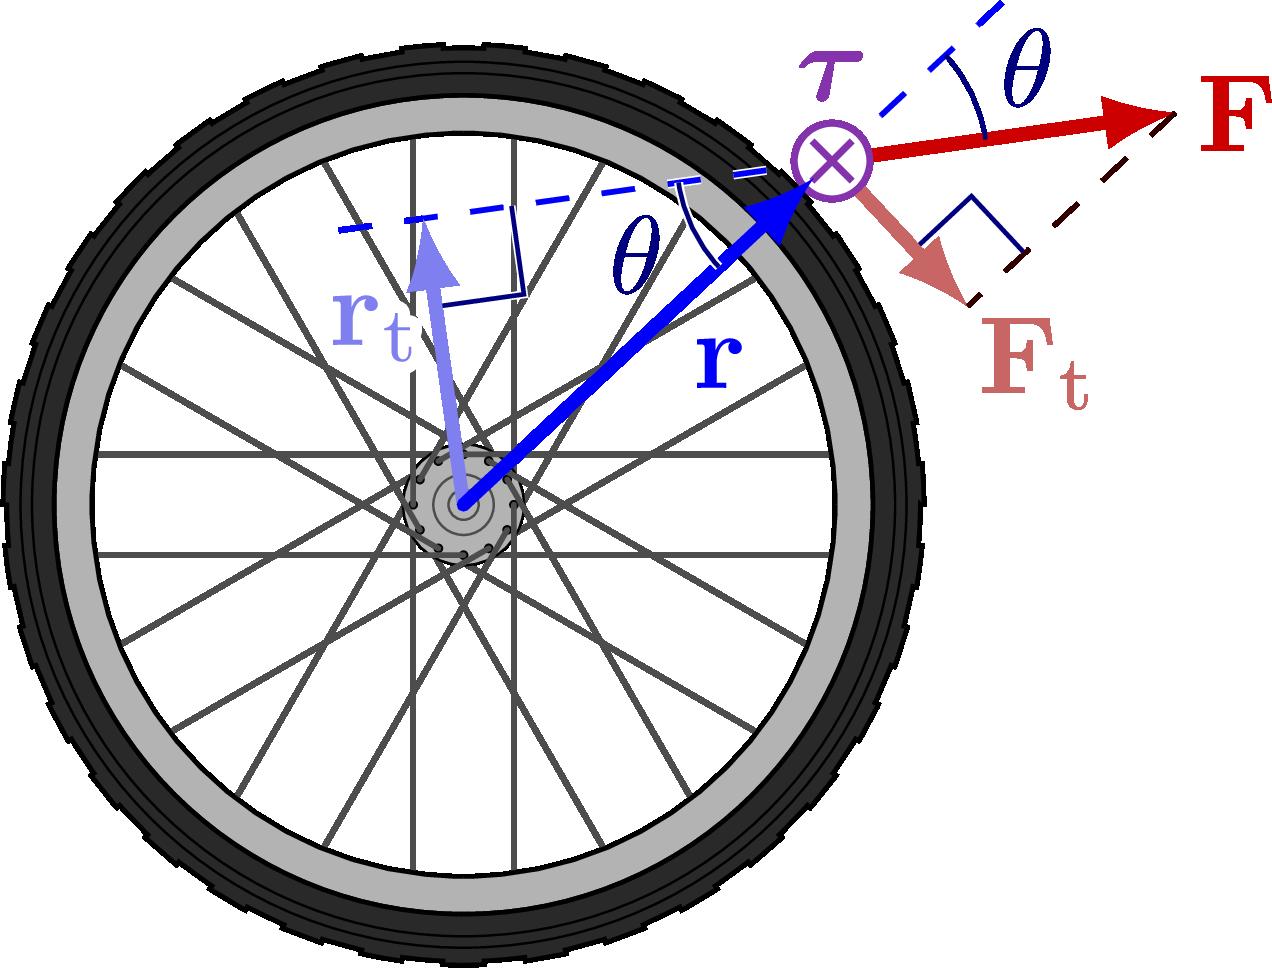 dynamics_torque-003.png